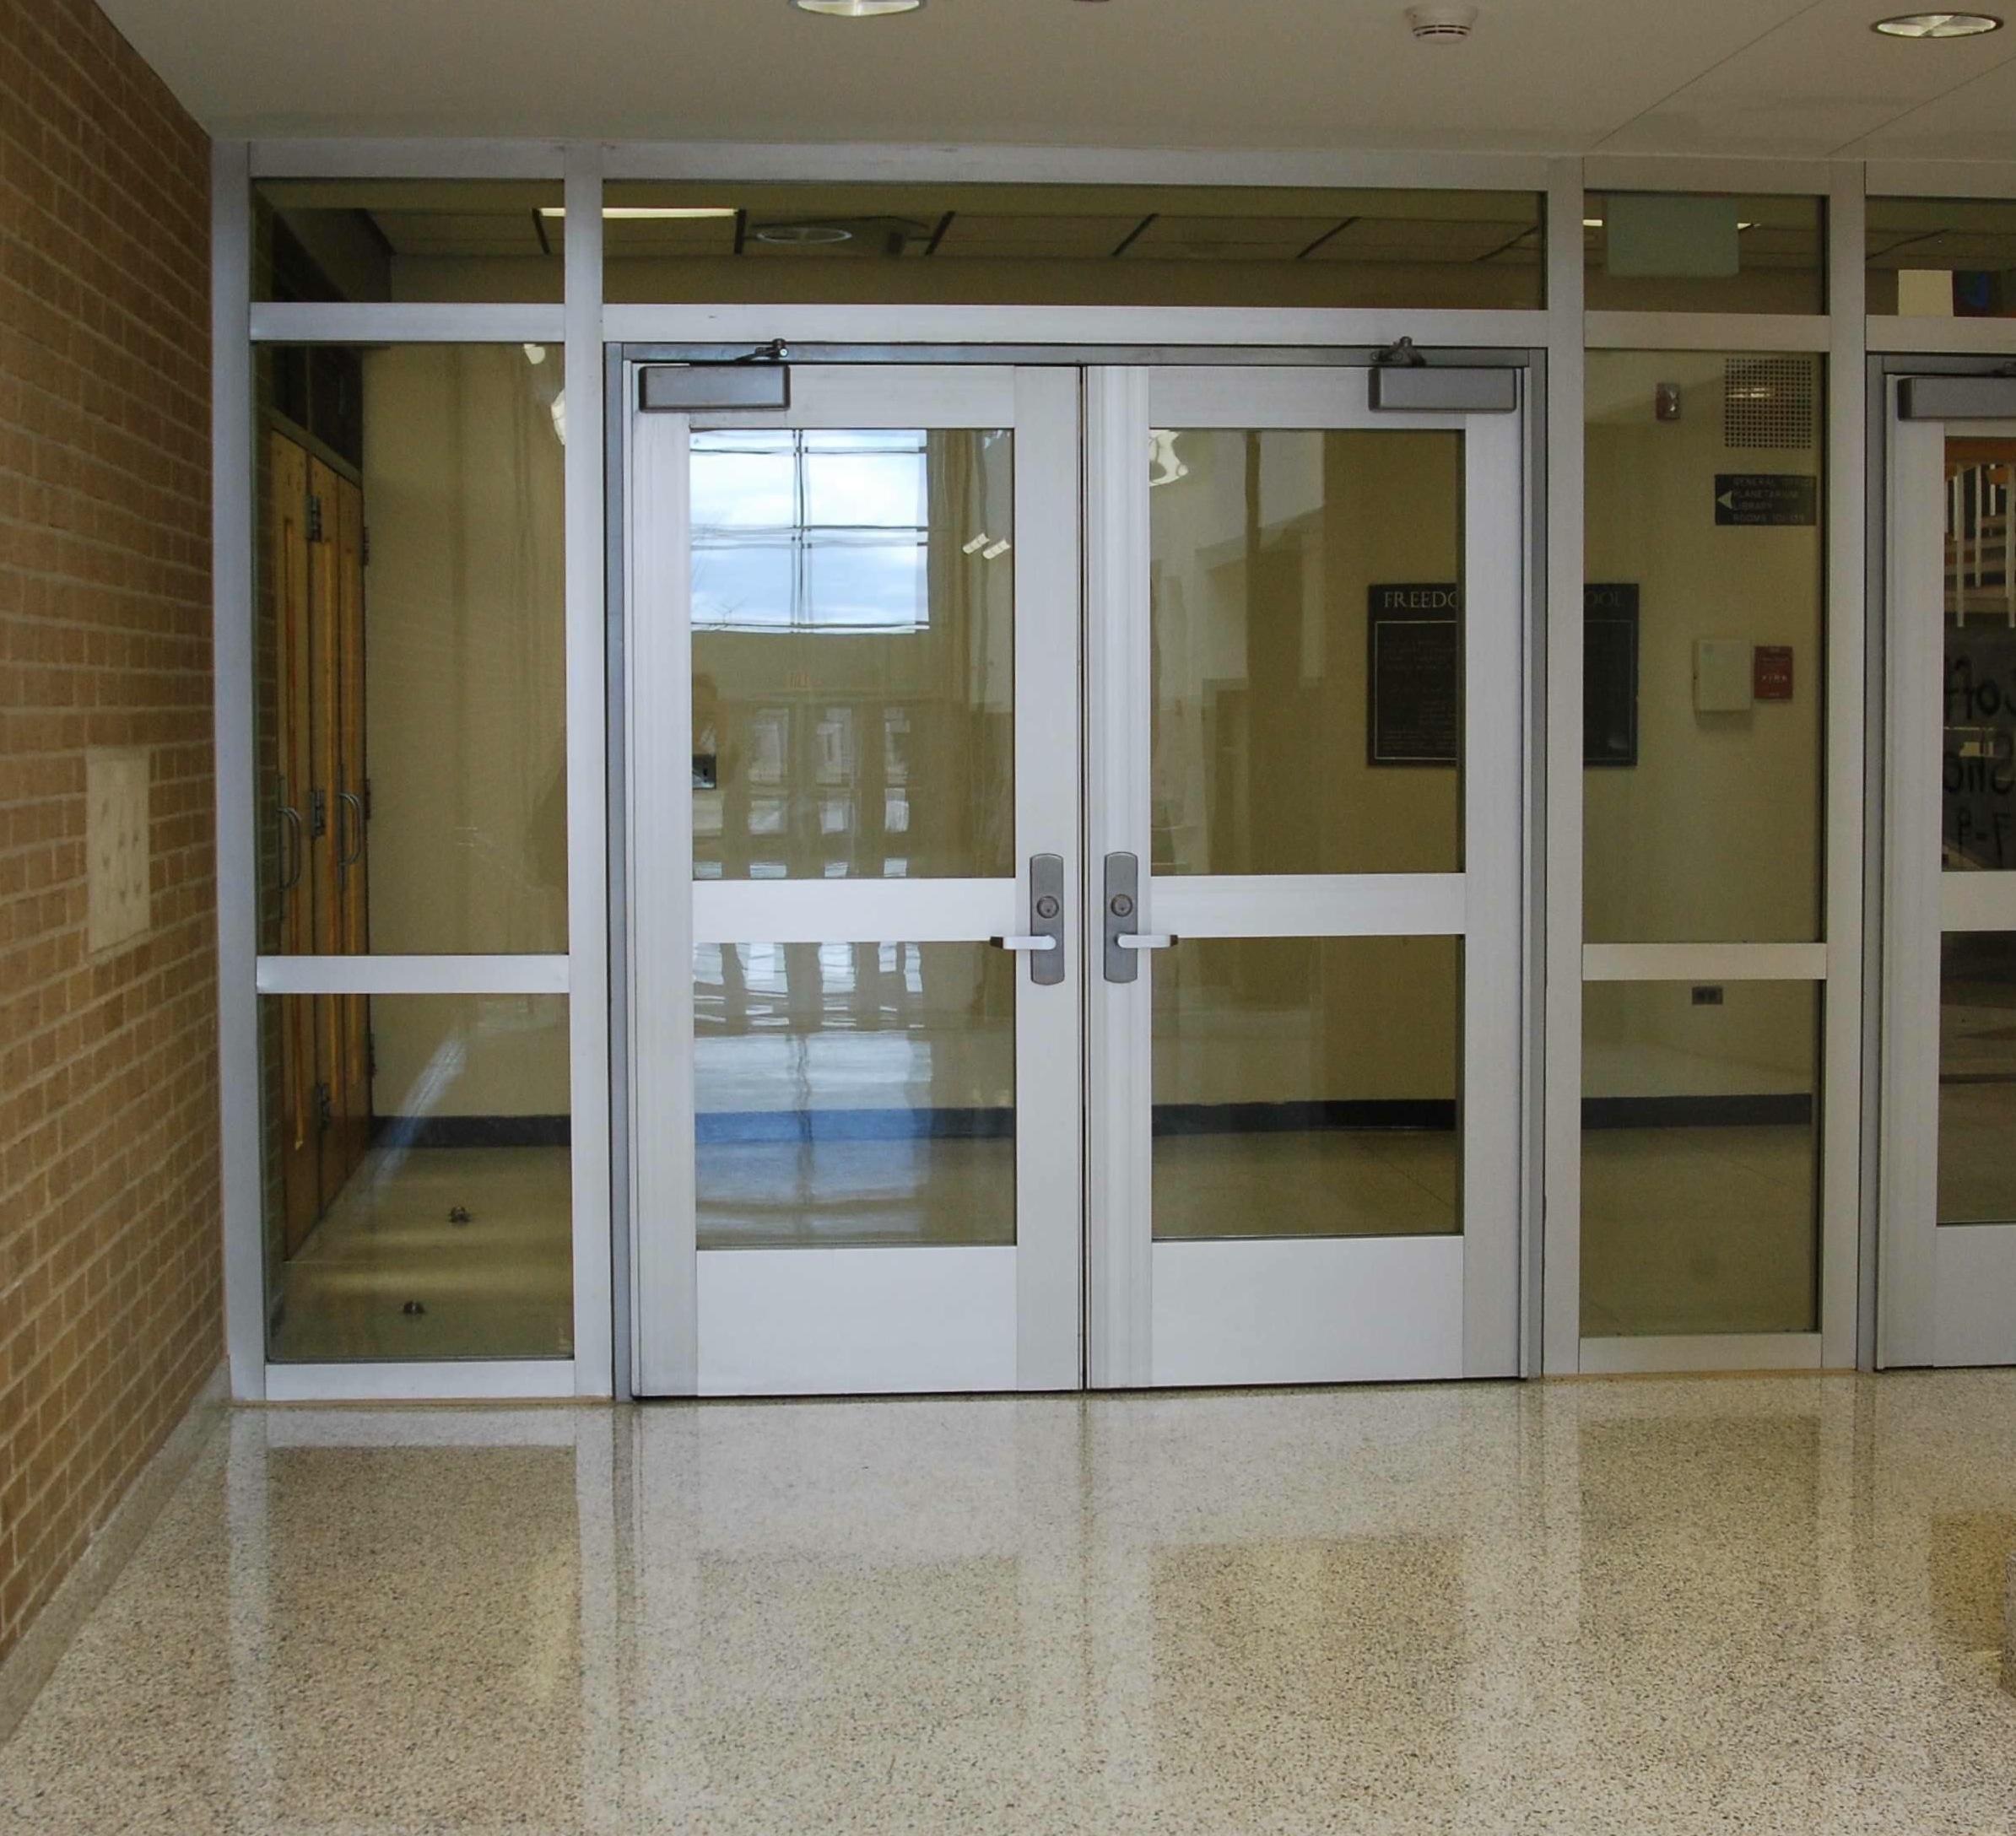 School Entrance Doors : School door download this image as